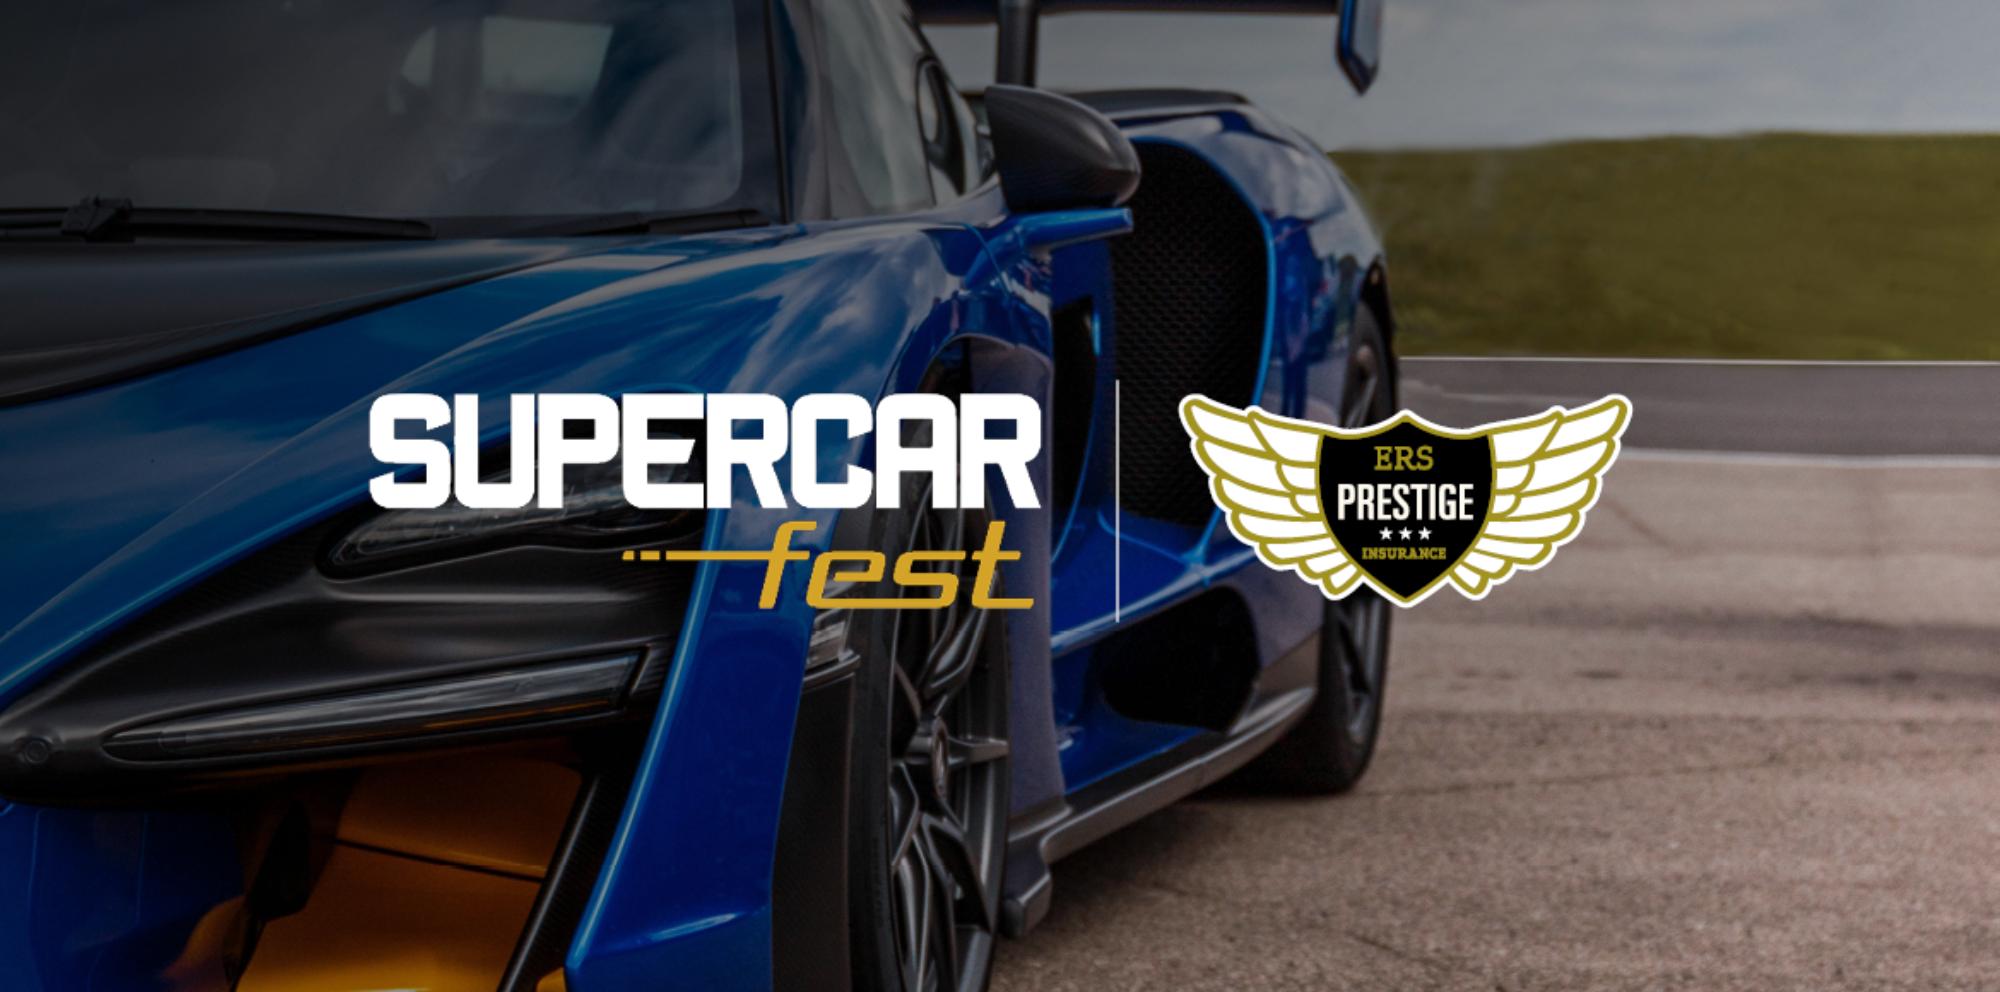 Blog Supercarfest